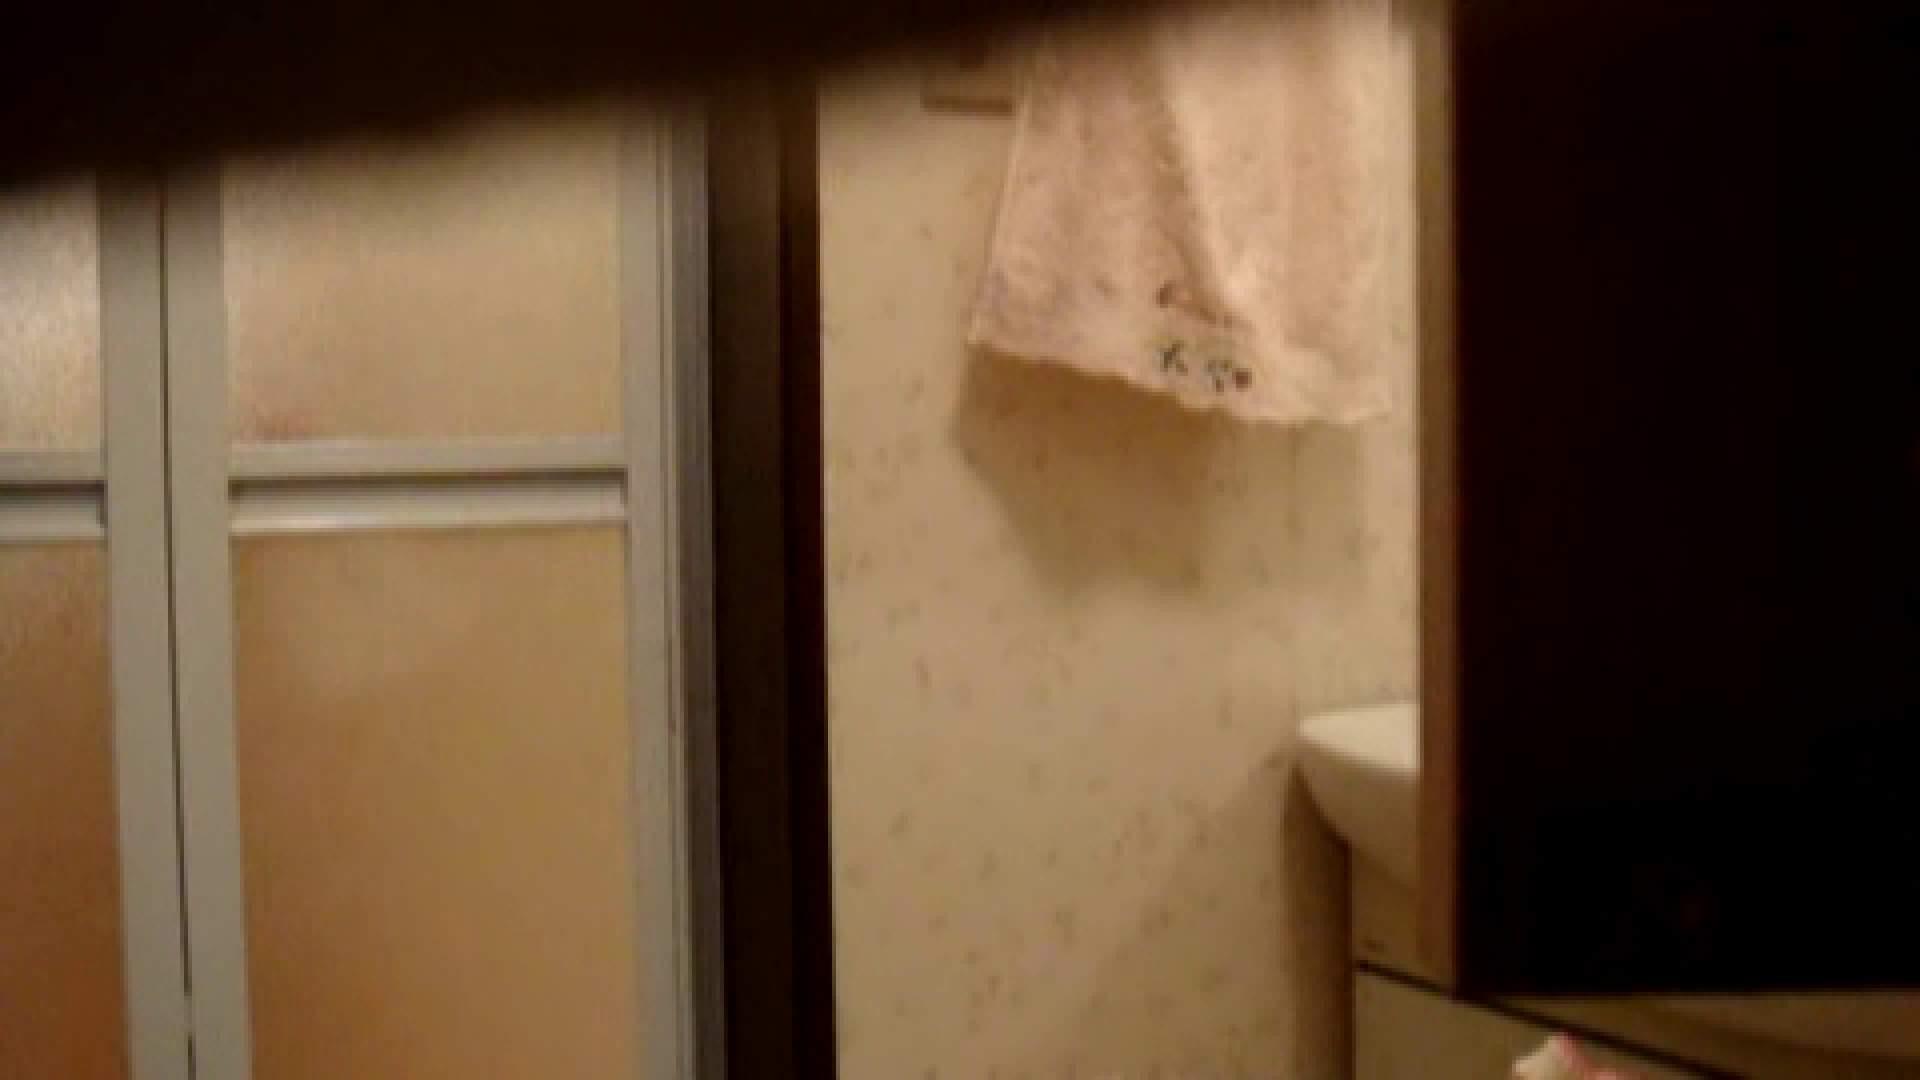 二人とも育てた甲斐がありました… vol.08 まどかの入浴中にカメラに気付いたか!? 綺麗なOLたち  90枚 10